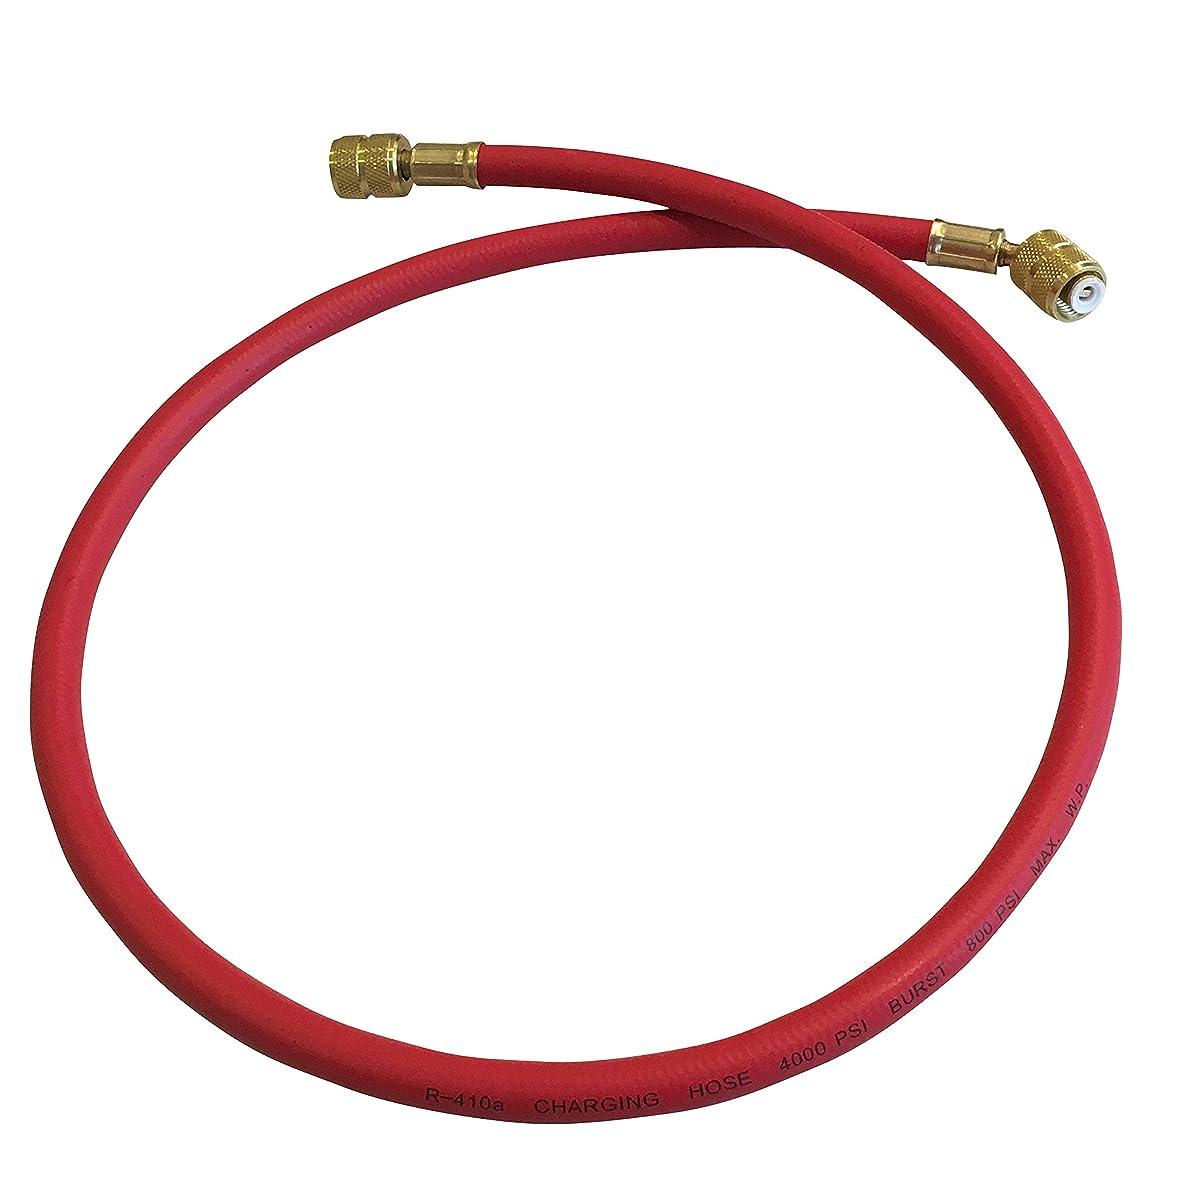 〈HOTEISON〉R410A R32用 エアコン ガス チャージホース 90cm 選べる 3色 赤/青/黄 (赤)